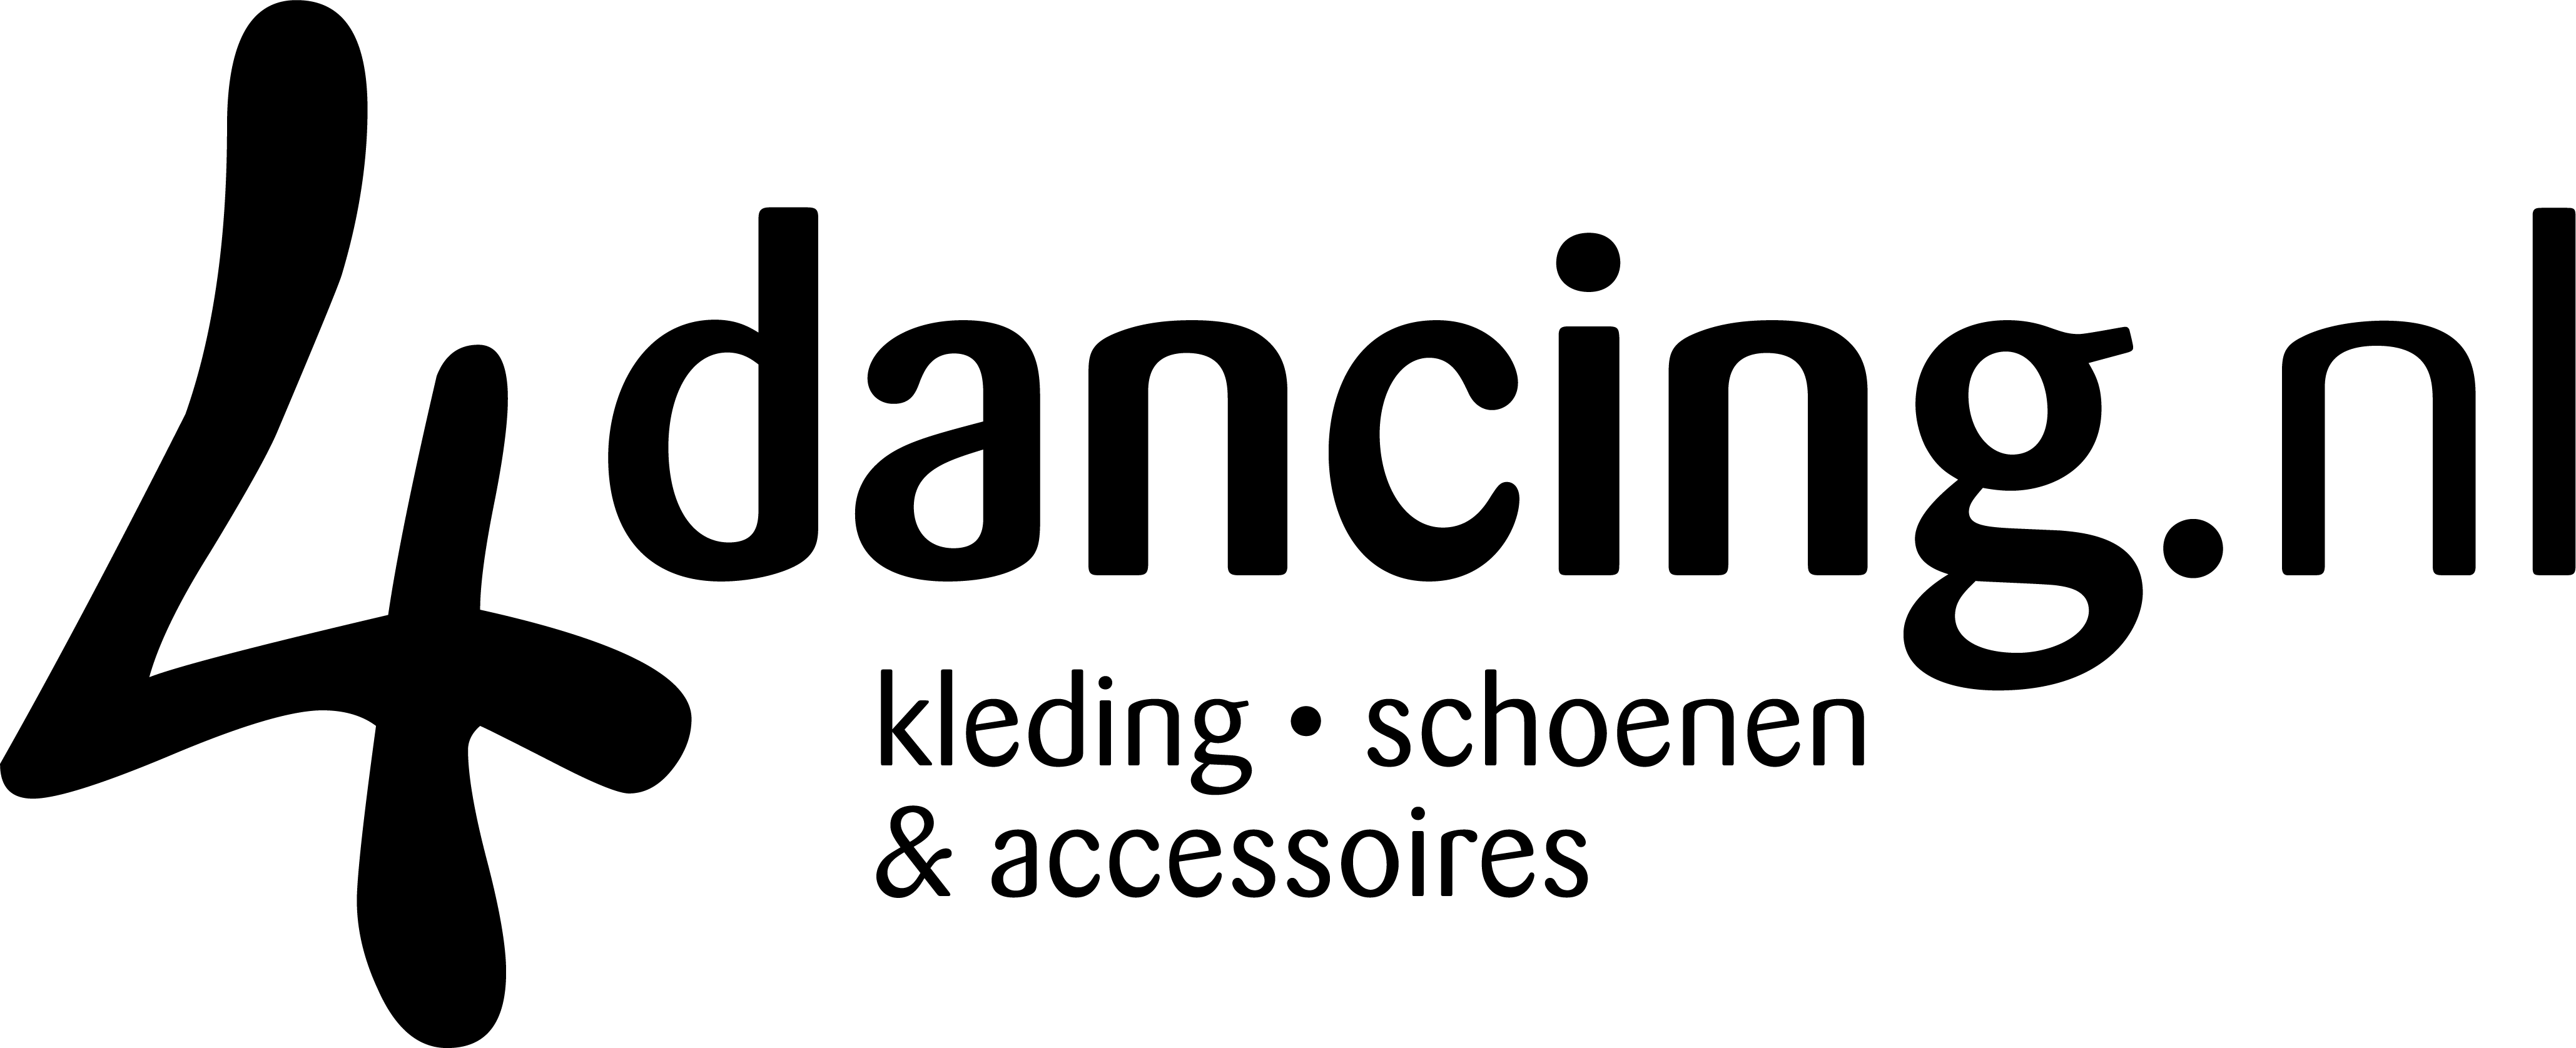 4dancing